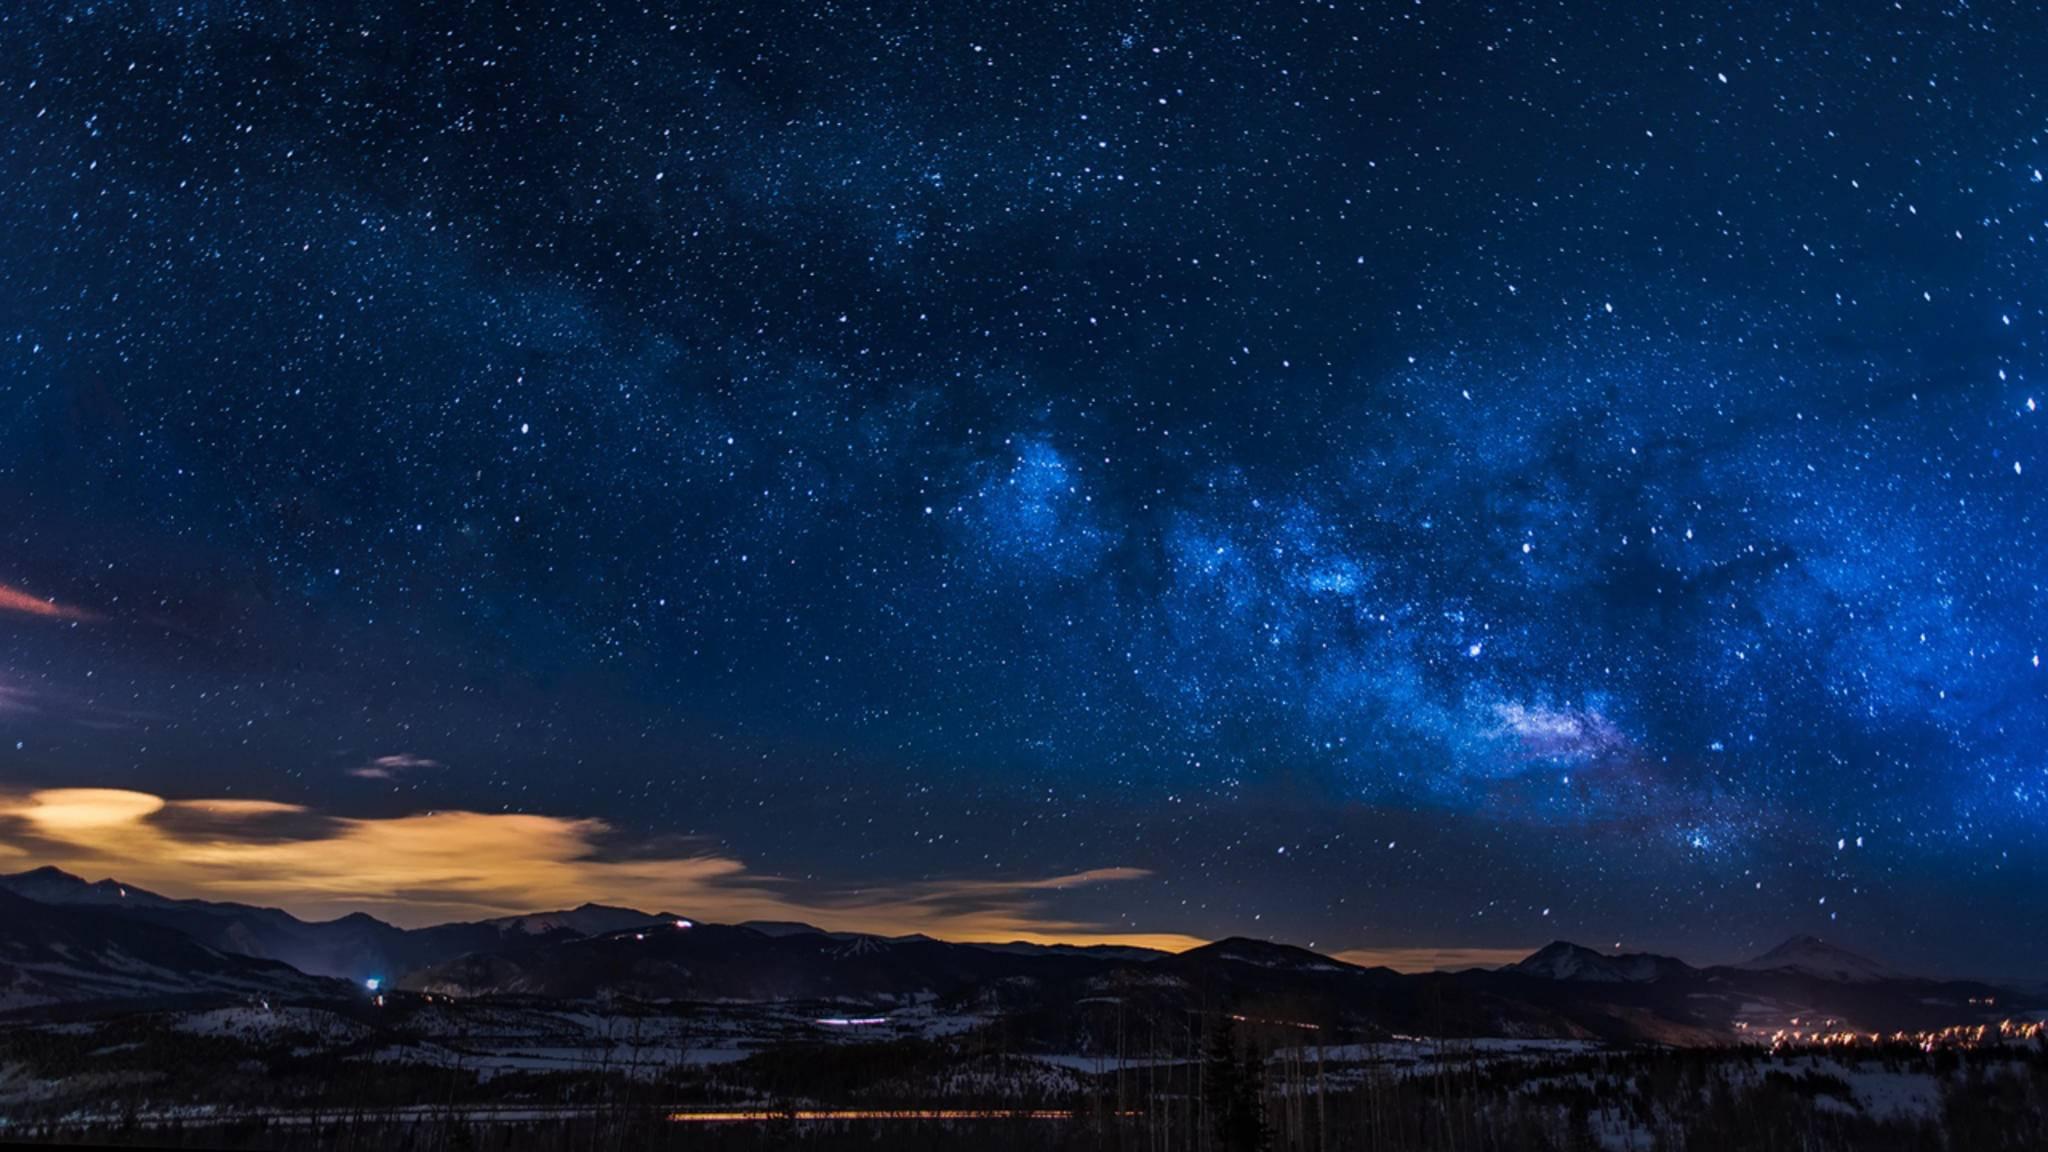 Vom Sternenhimmel geht ein ganz besonderer Zauber aus. Lerne hier, wie Du ihn auf ein Foto bannst.